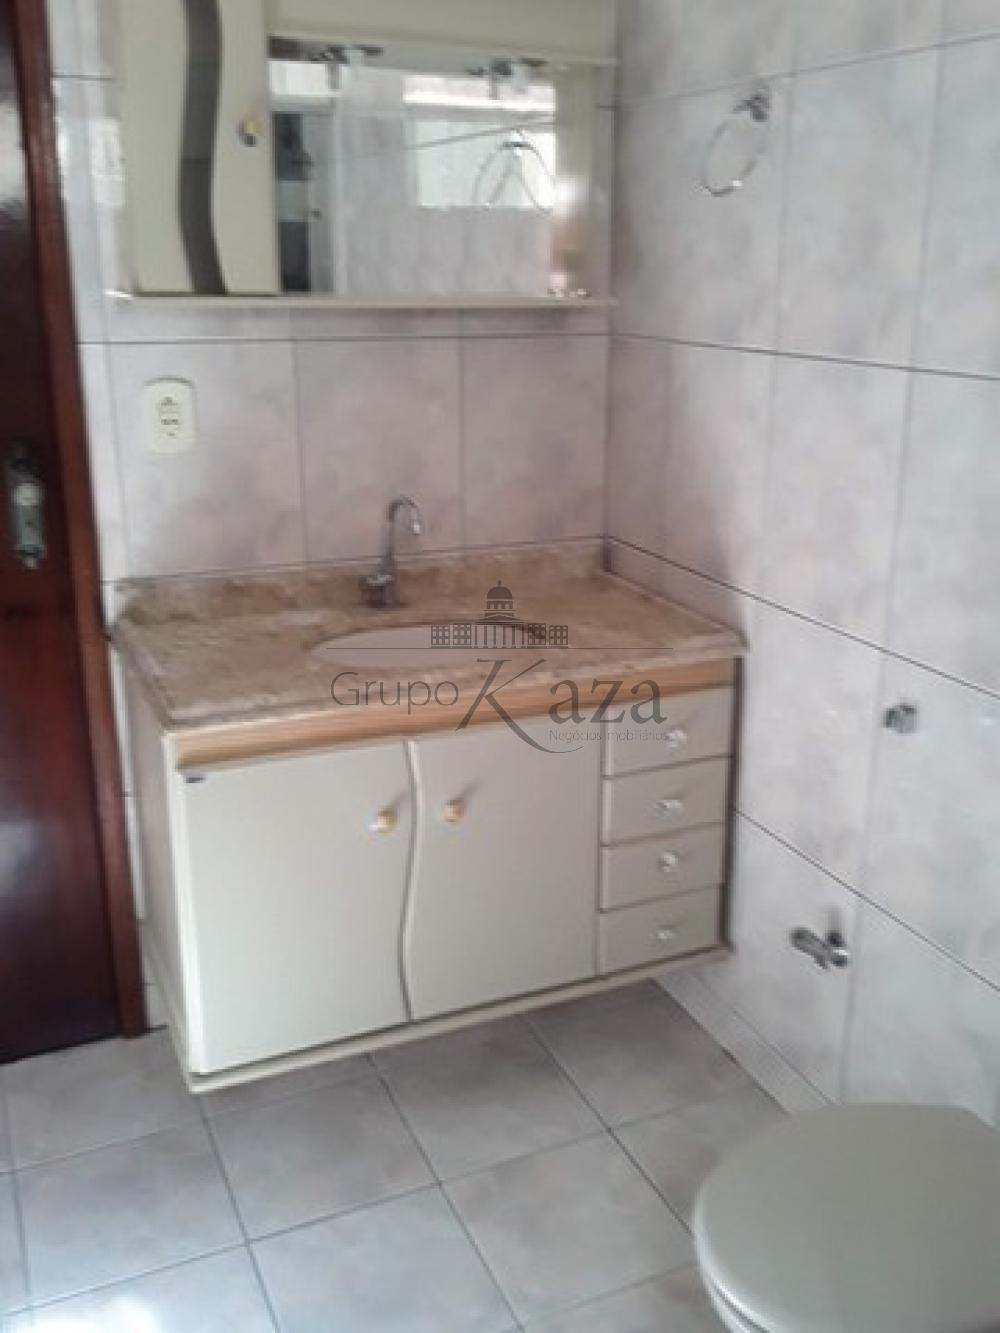 alt='Comprar Casa / Térrea em São José dos Campos R$ 475.000,00 - Foto 10' title='Comprar Casa / Térrea em São José dos Campos R$ 475.000,00 - Foto 10'